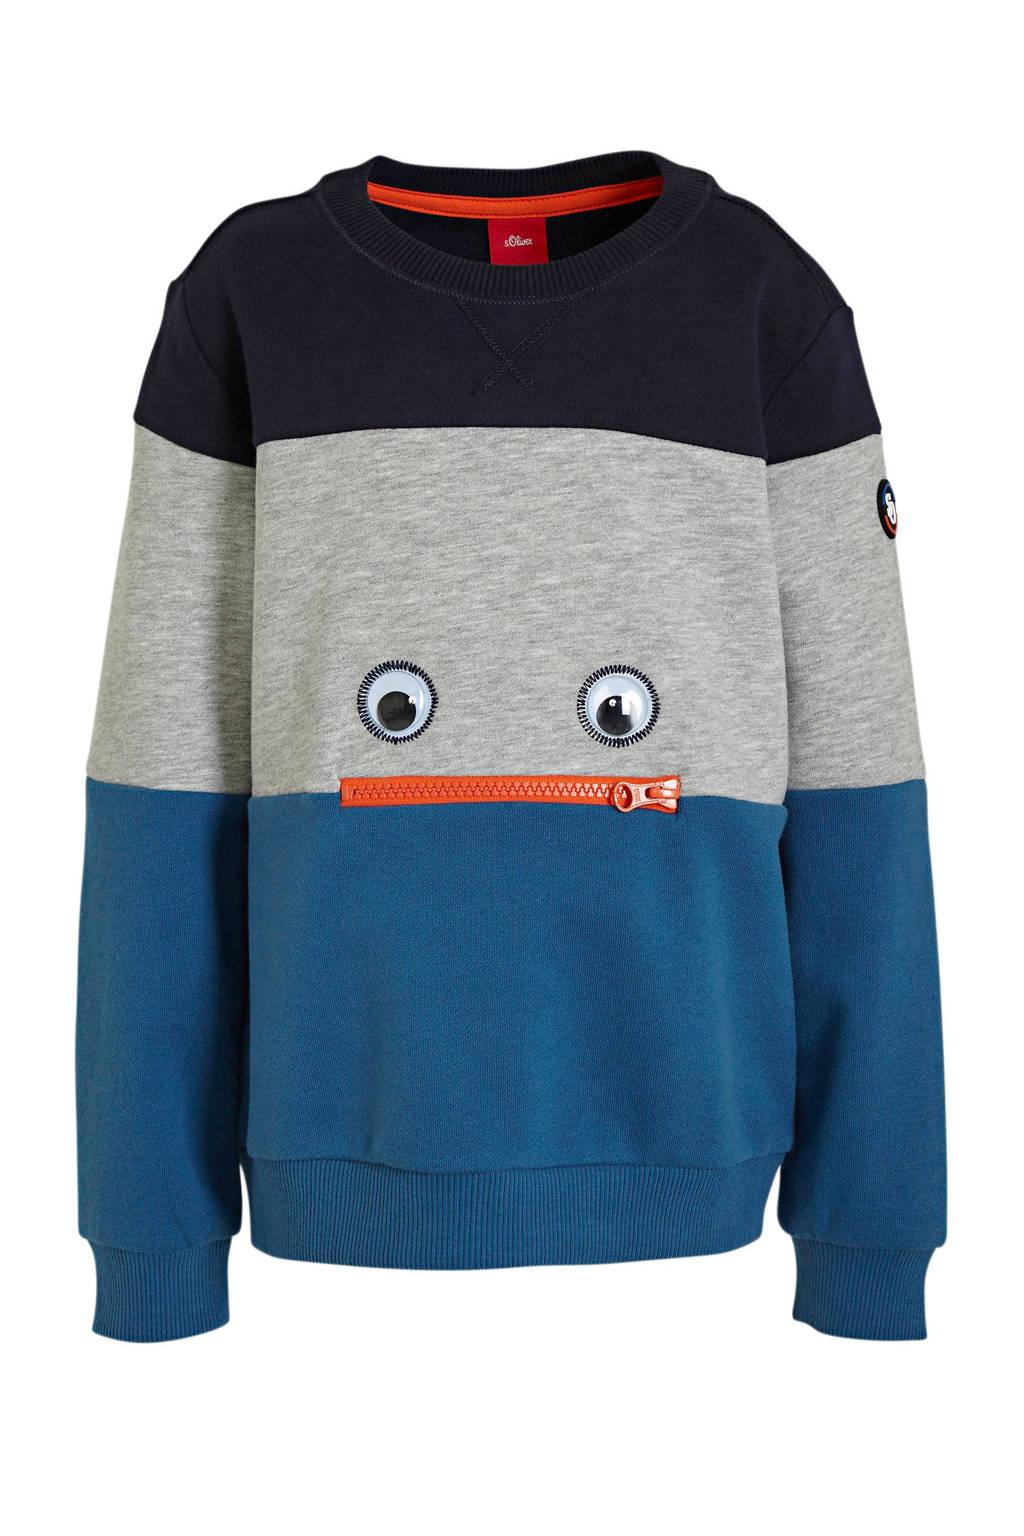 s.Oliver sweater met patches blauw/grijs/donkerblauw, Blauw/grijs/donkerblauw